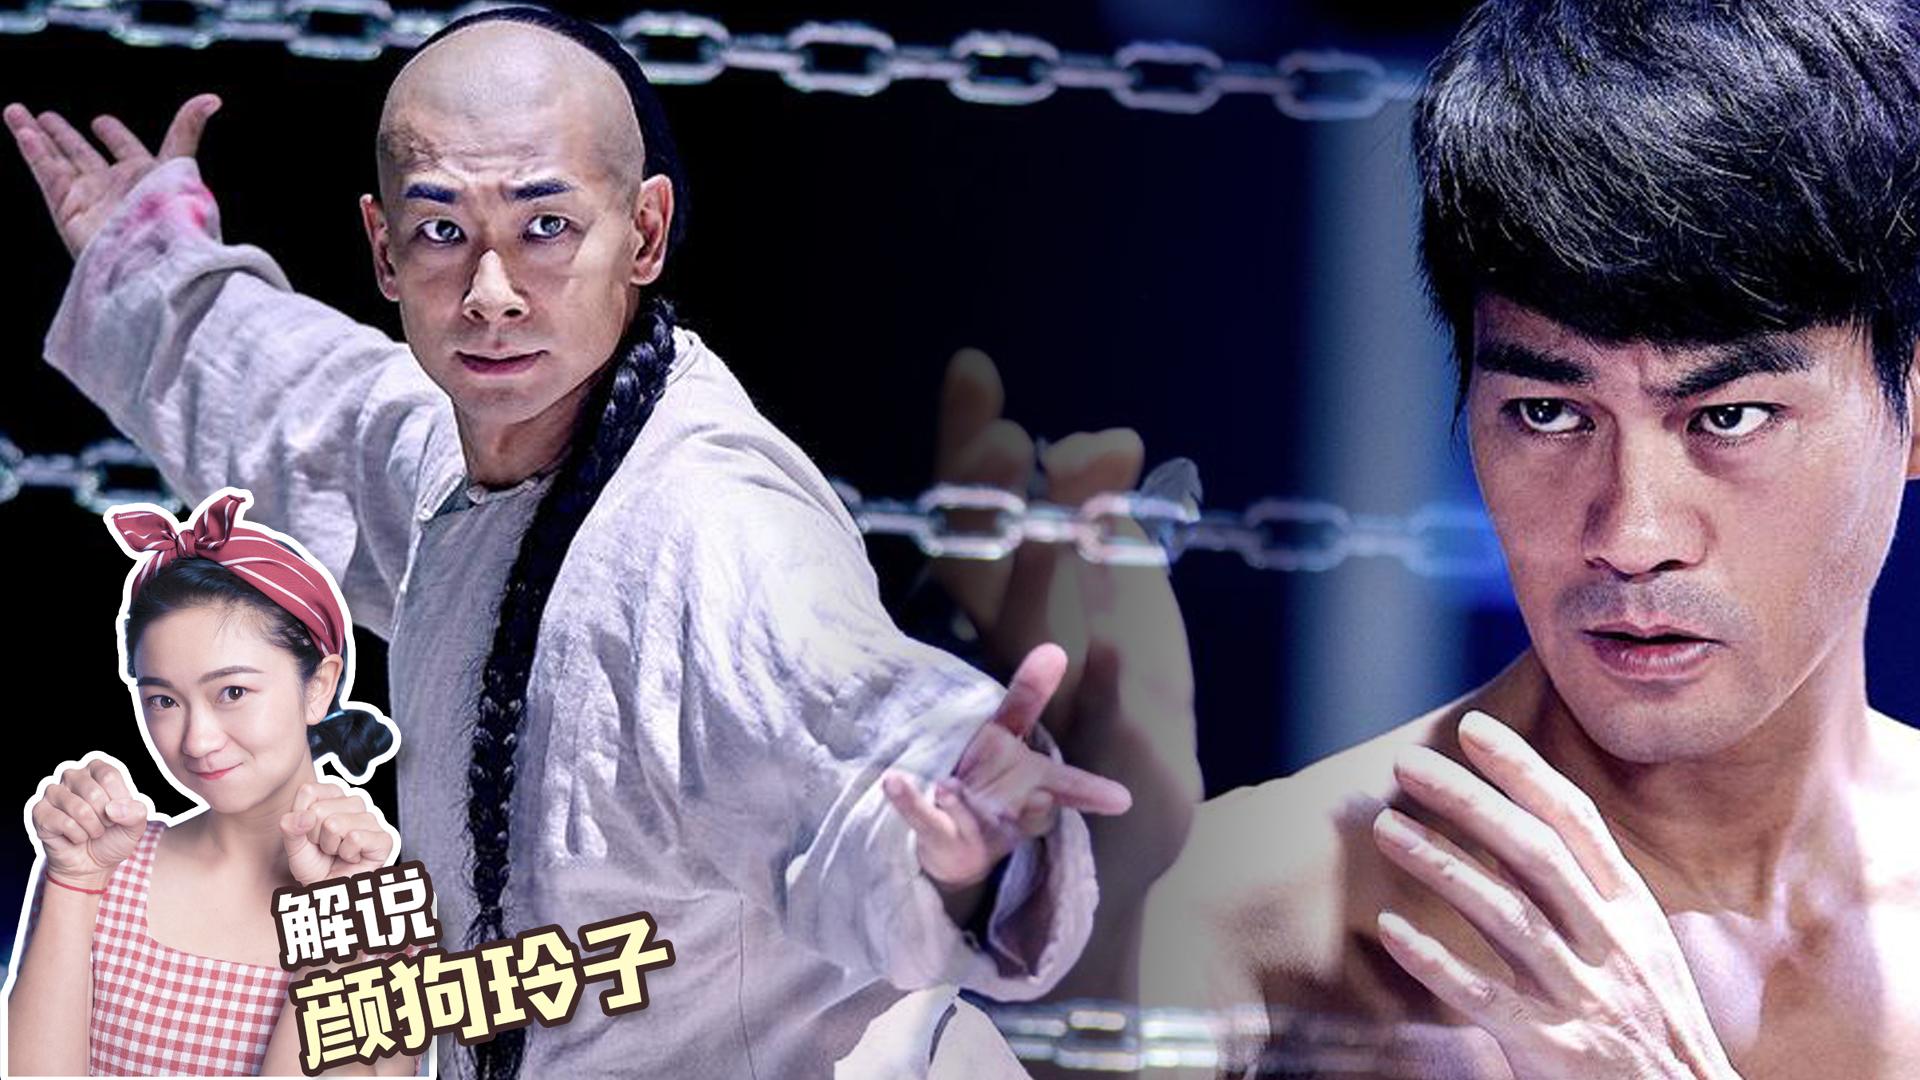 影讯:赵文卓版的黄飞鸿穿越现代还组团踢馆,肯定很搞笑